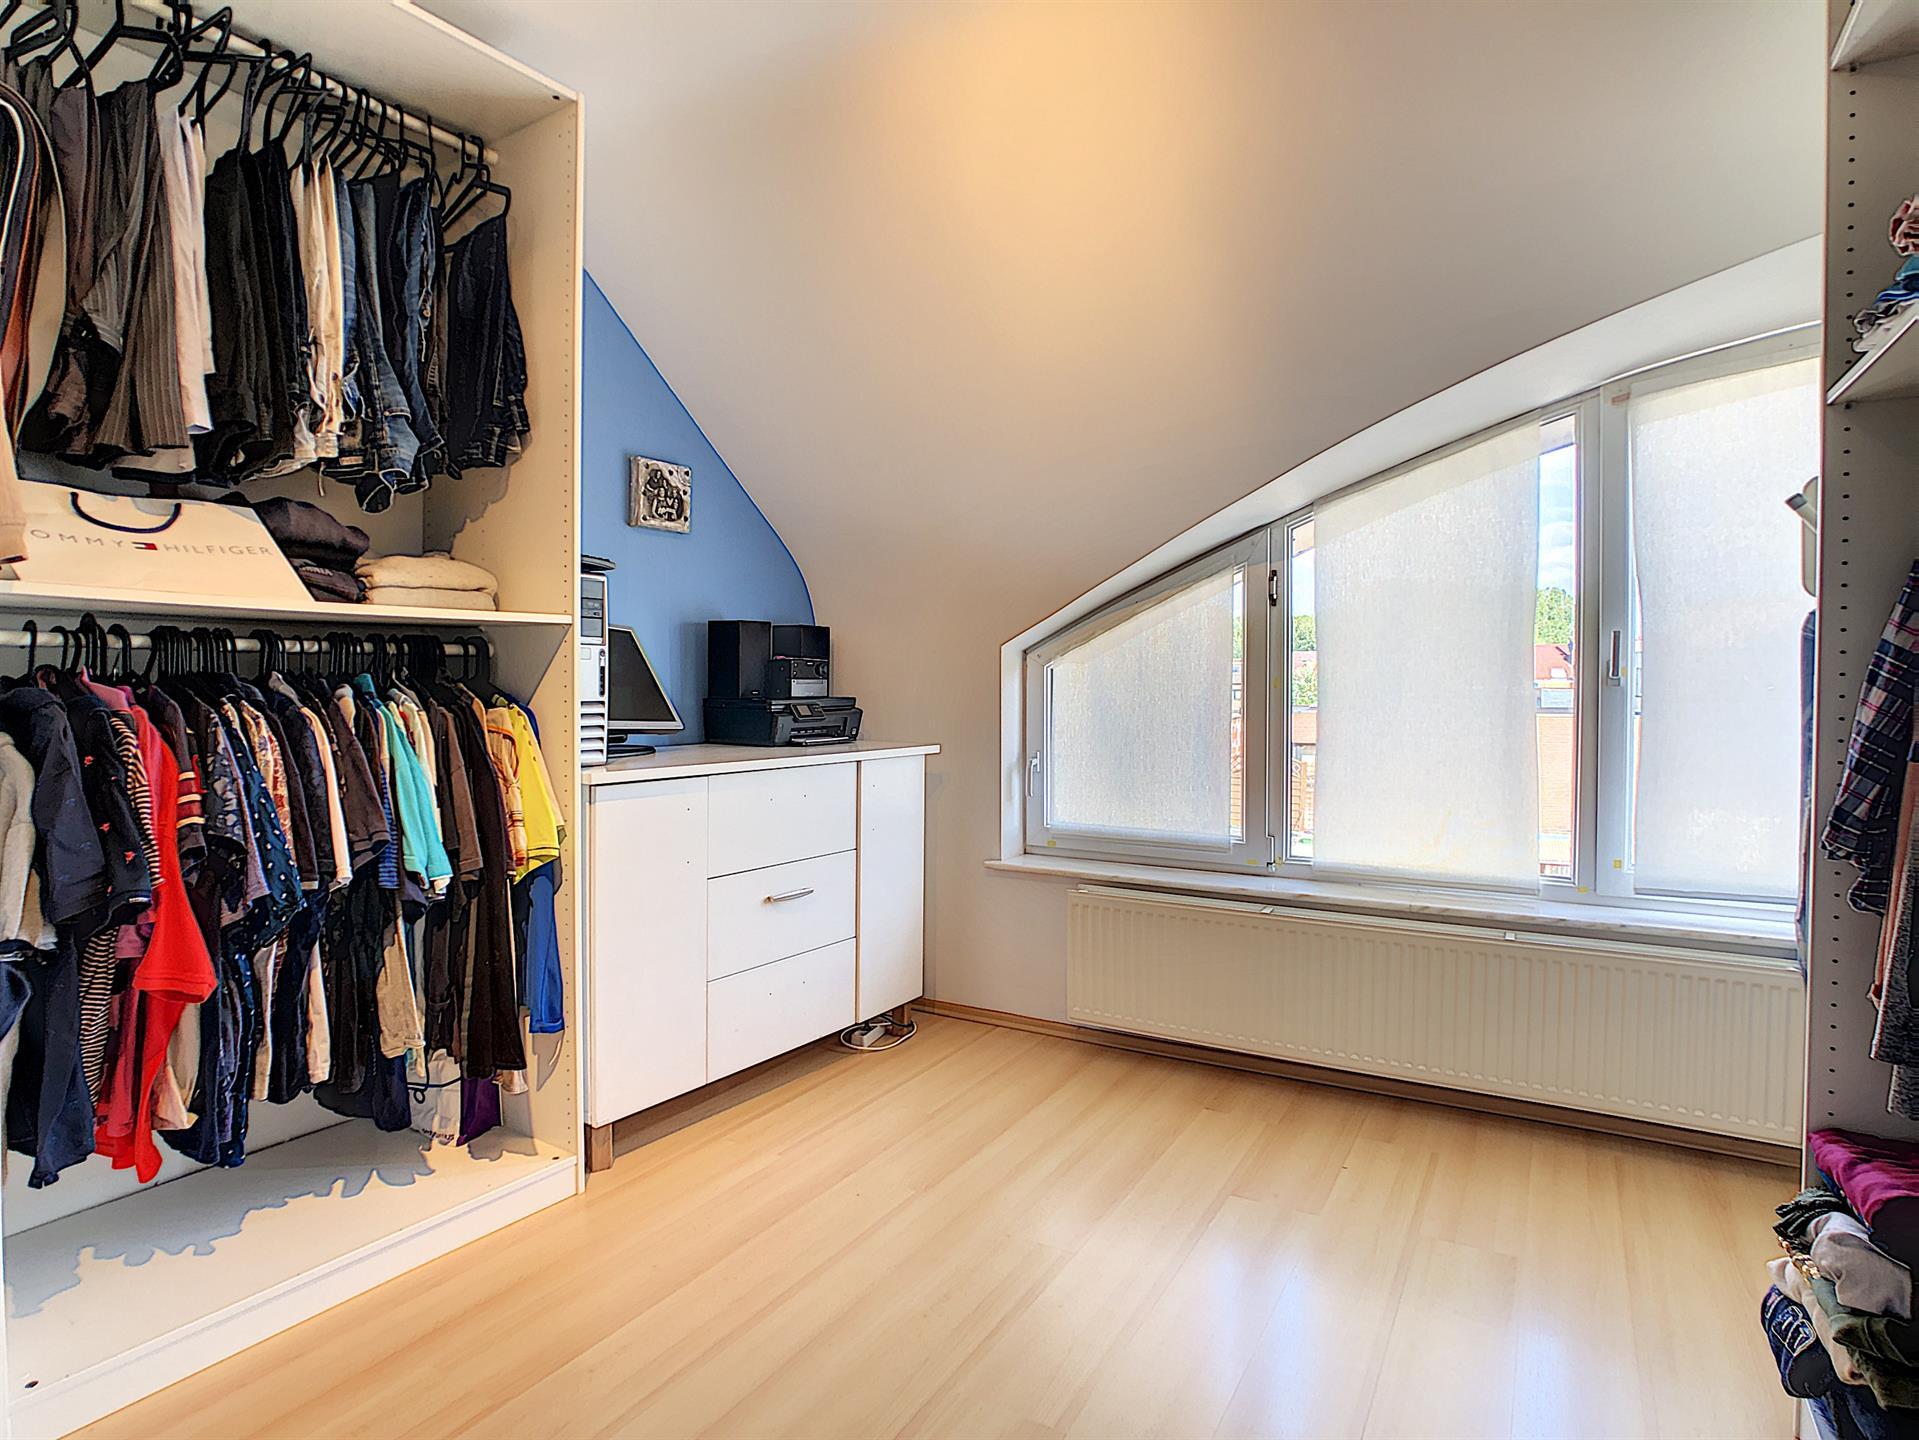 Bel-étage - Wemmel - #4080122-9